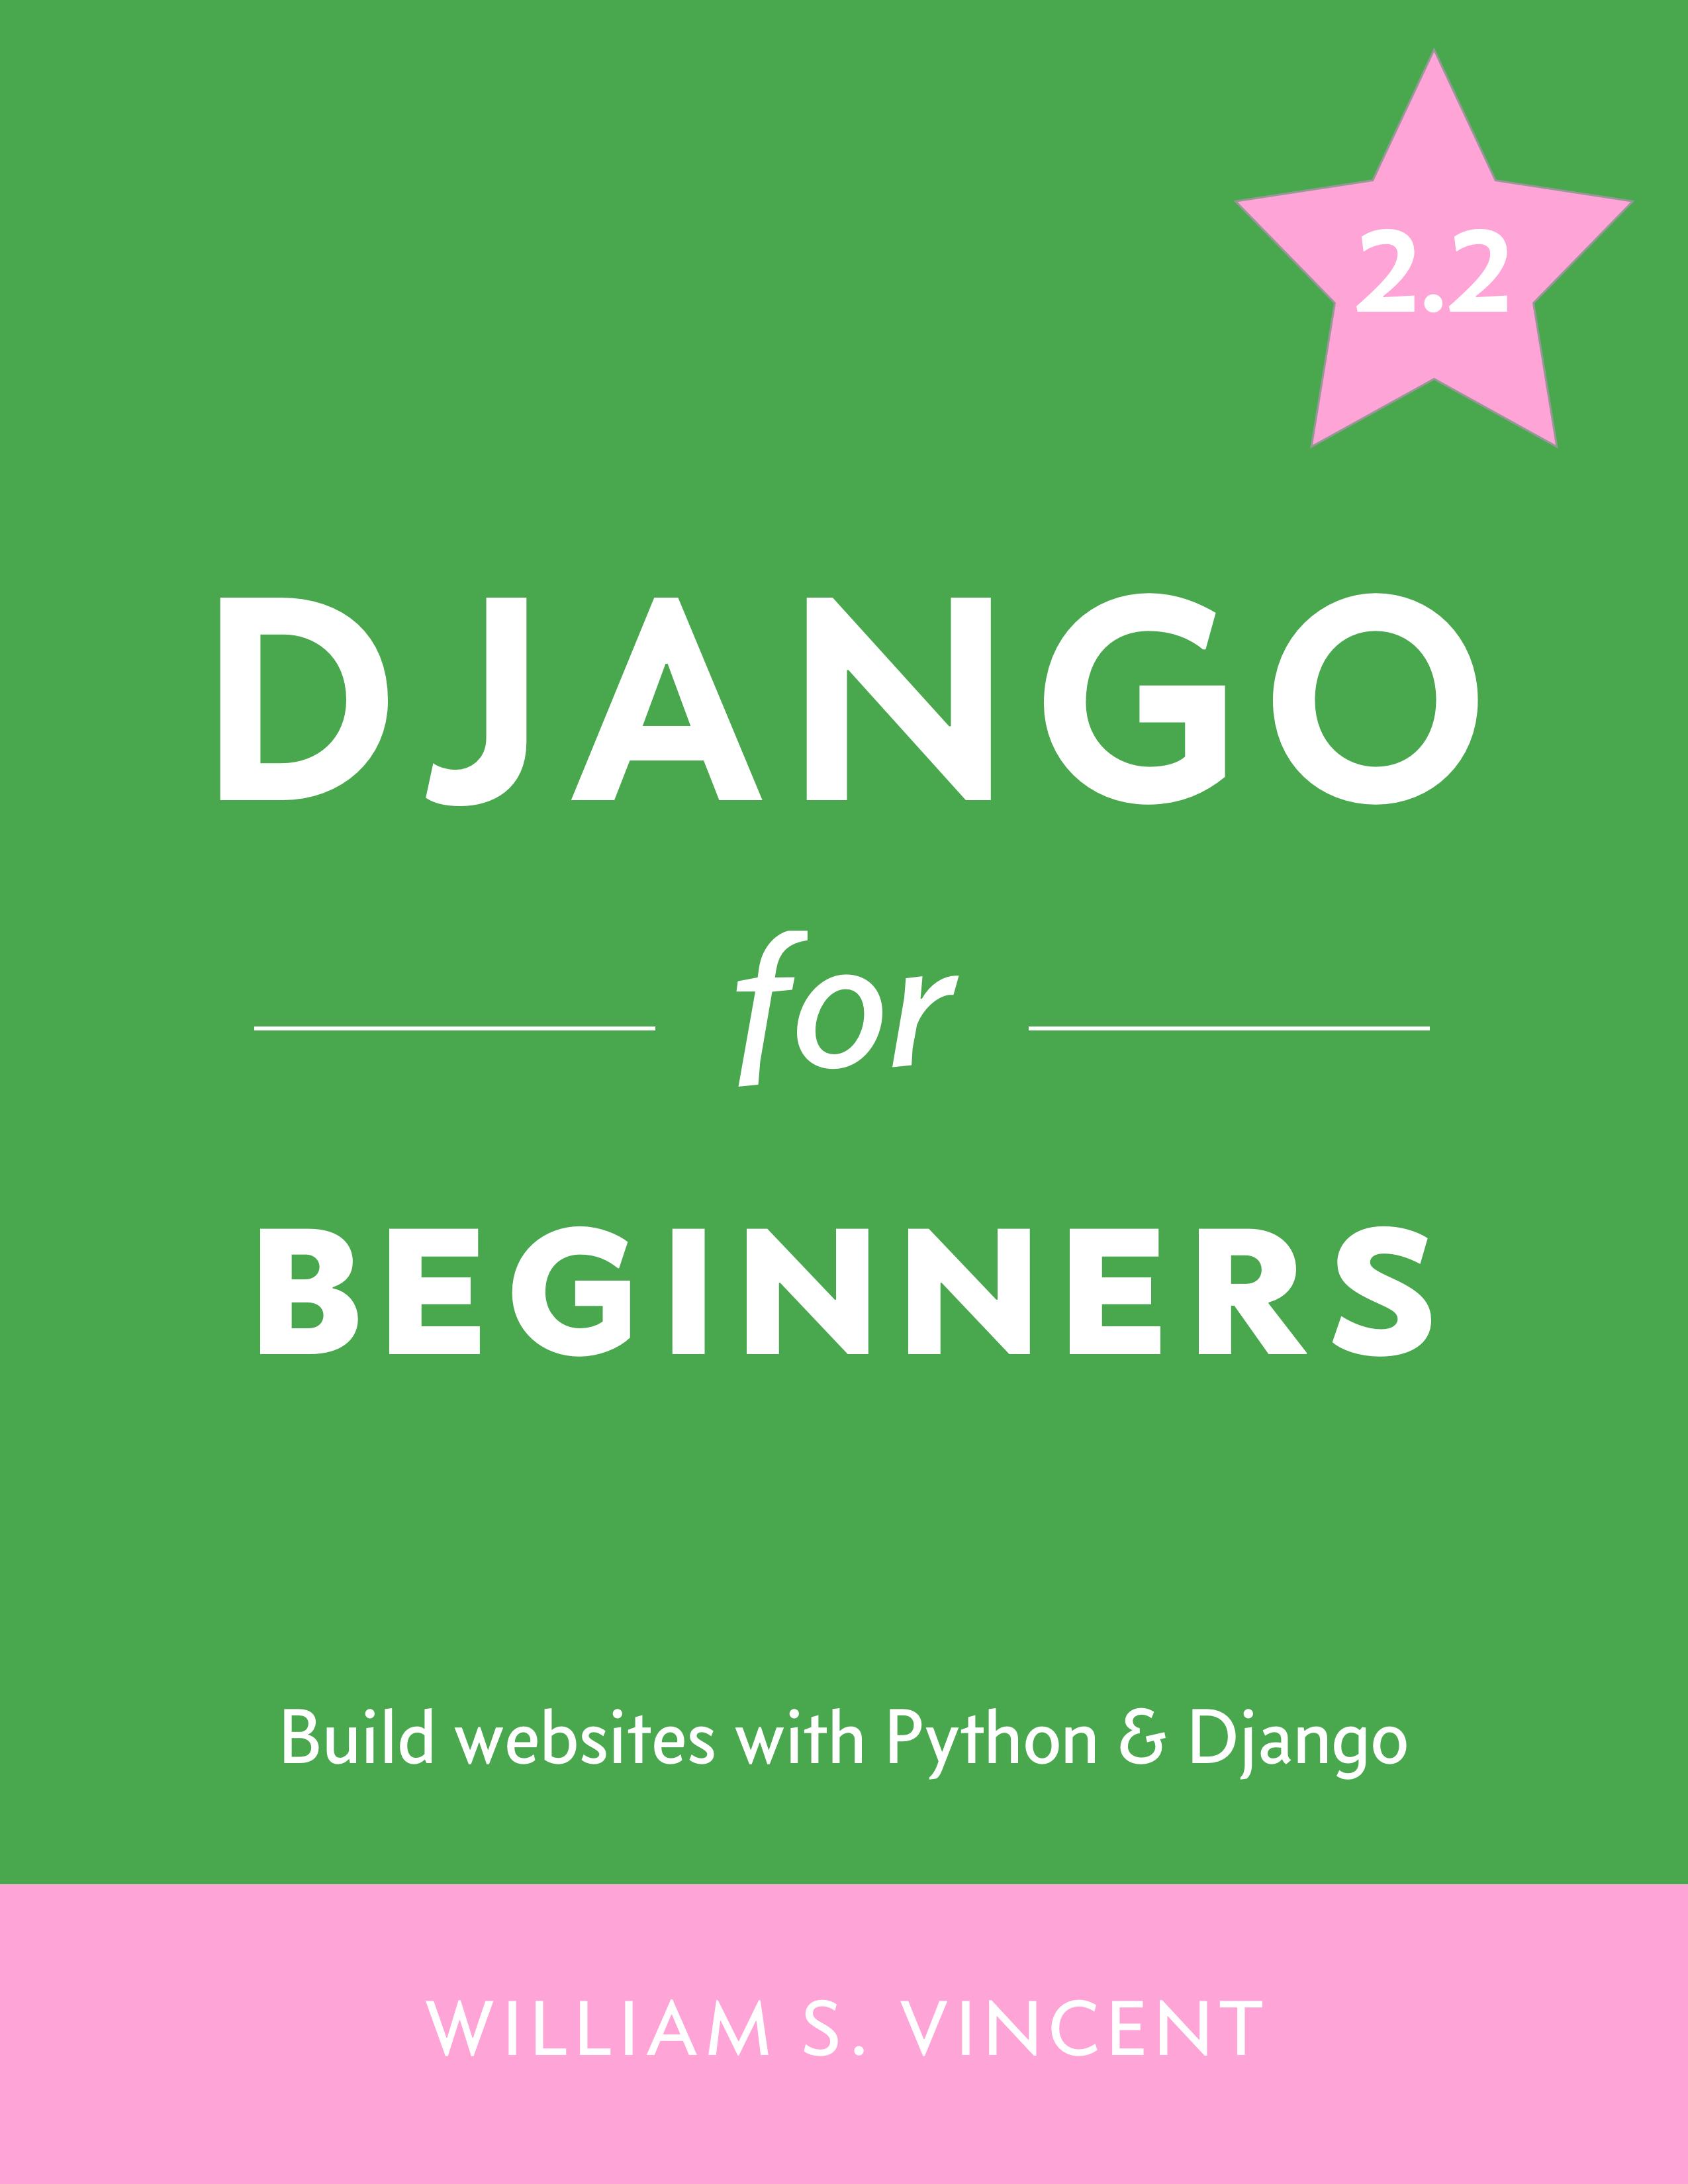 Django for Beginners - Complete Tutorial for Django 2 2